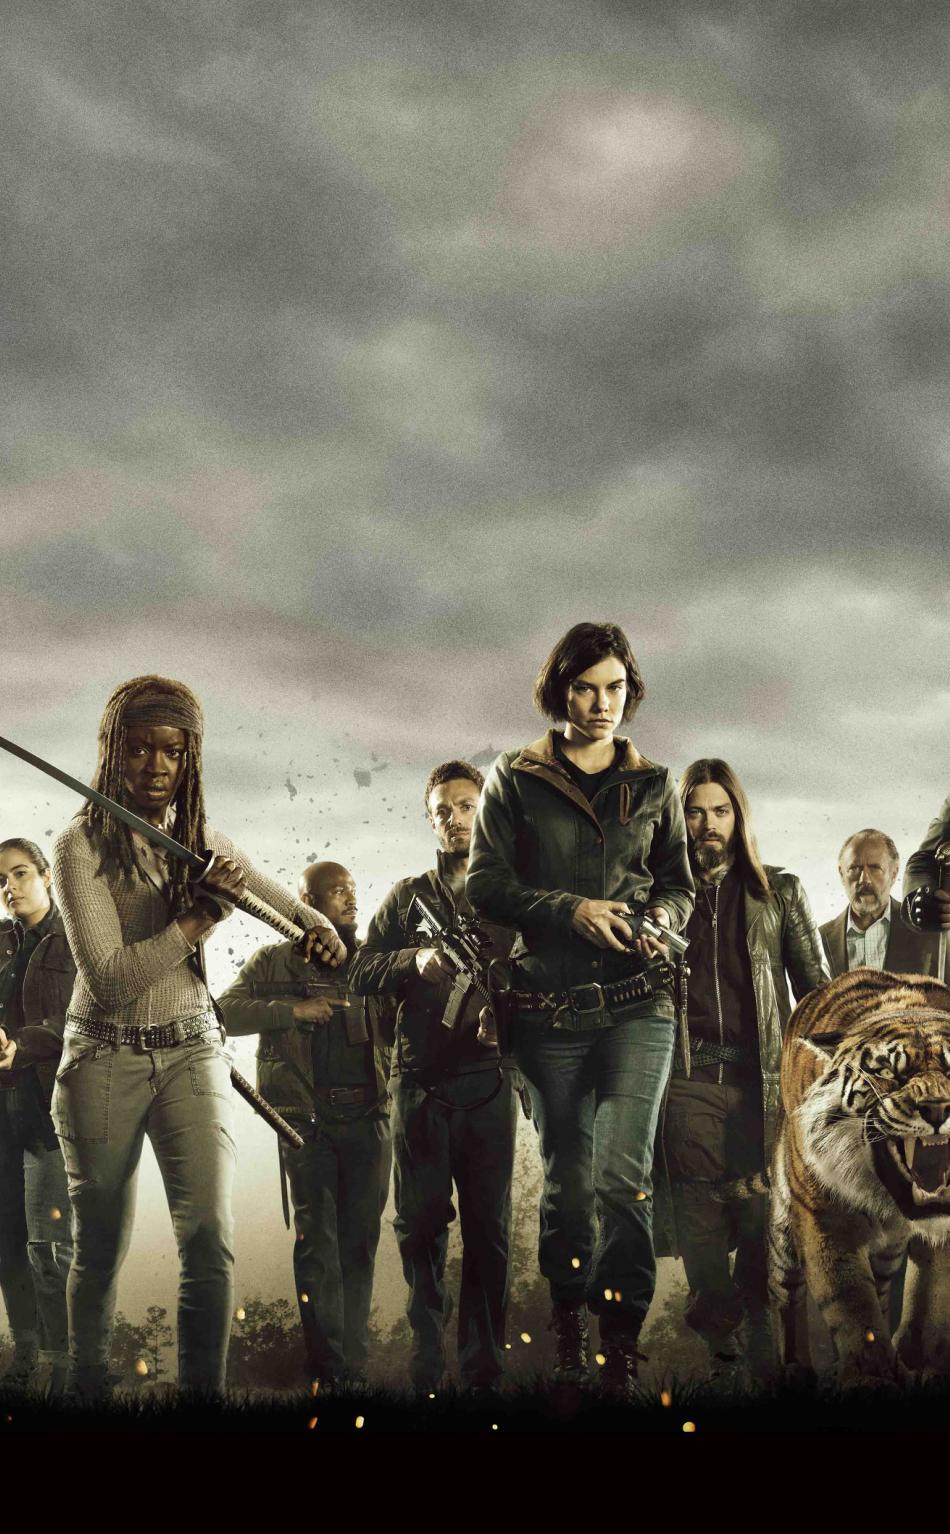 The Walking Dead Cast Poster Hd 4k Wallpaper